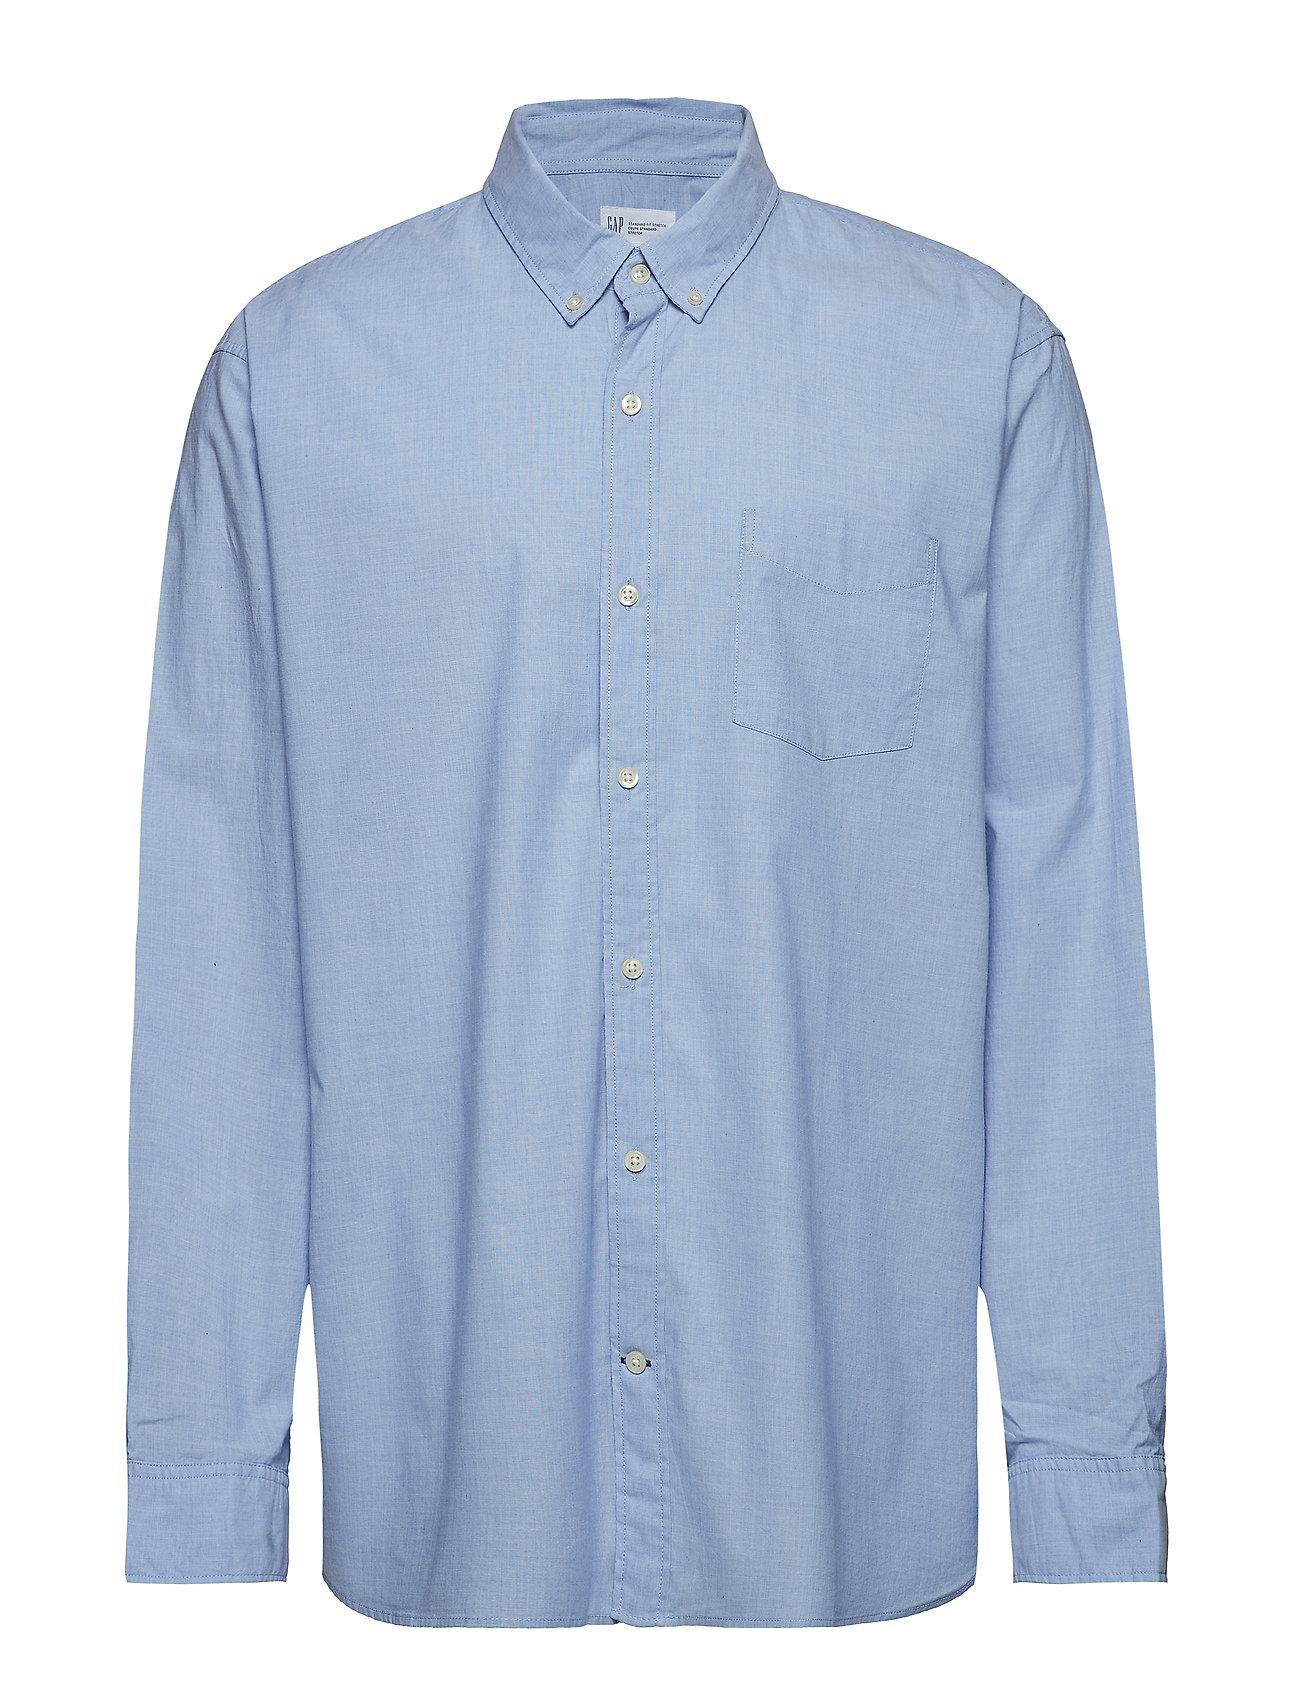 GAP Lived-In True Wash Poplin Shirt - LIGHT BLUE